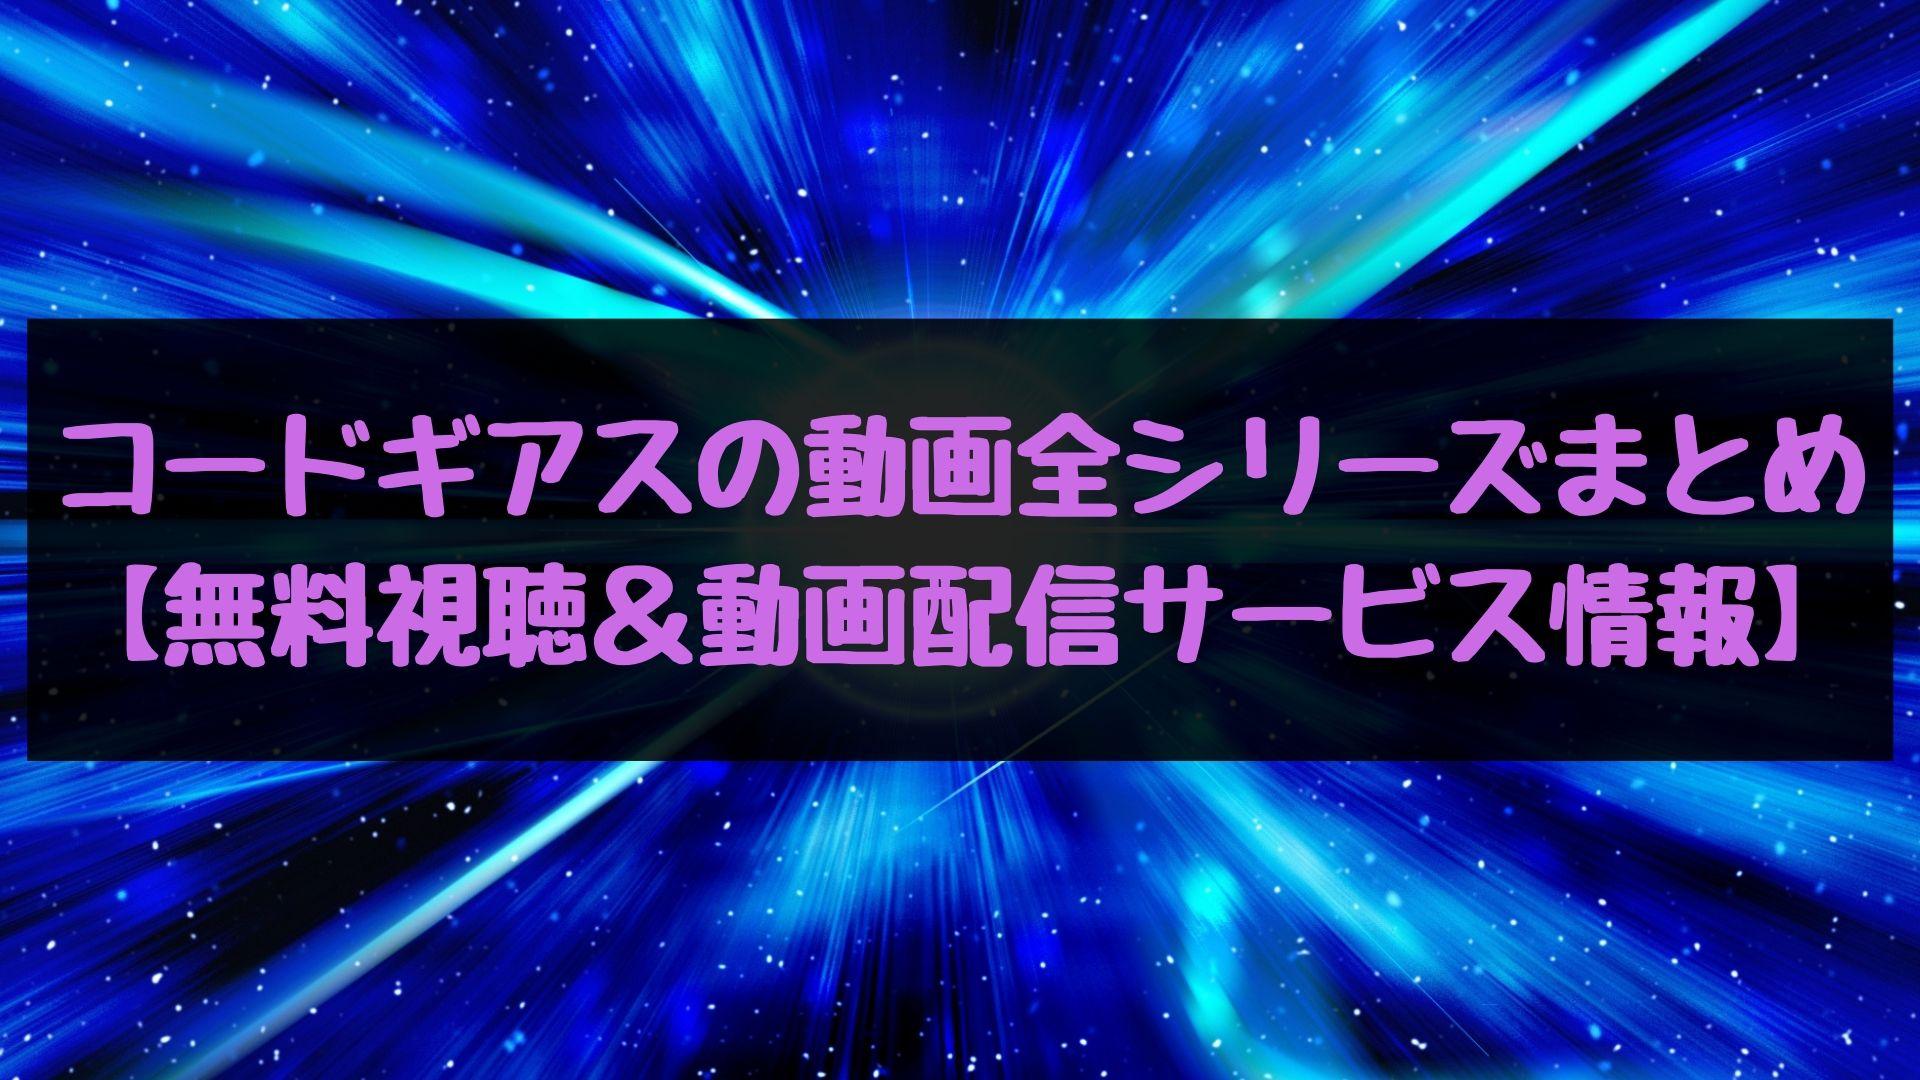 コードギアスの動画全シリーズまとめ【無料視聴&動画配信サービス情報】